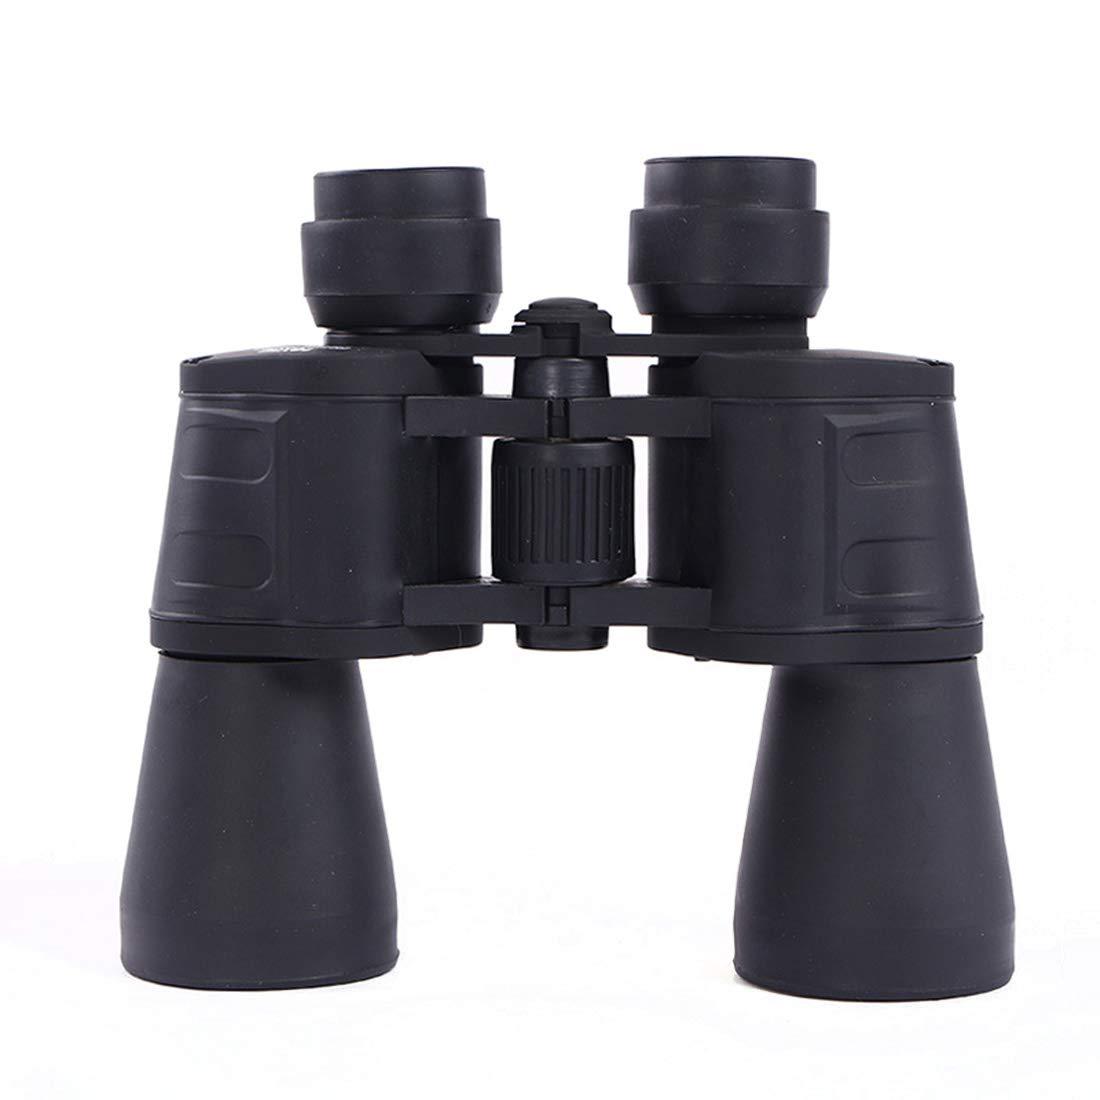 JESSIEKERVIN HD YY3 Binoculares HD JESSIEKERVIN Recubrimiento de múltiples Capas Vista de Noche con poca luz Observación de Aves Telescopio portátil para Uso en Exteriores (Color : Negro) 06f637